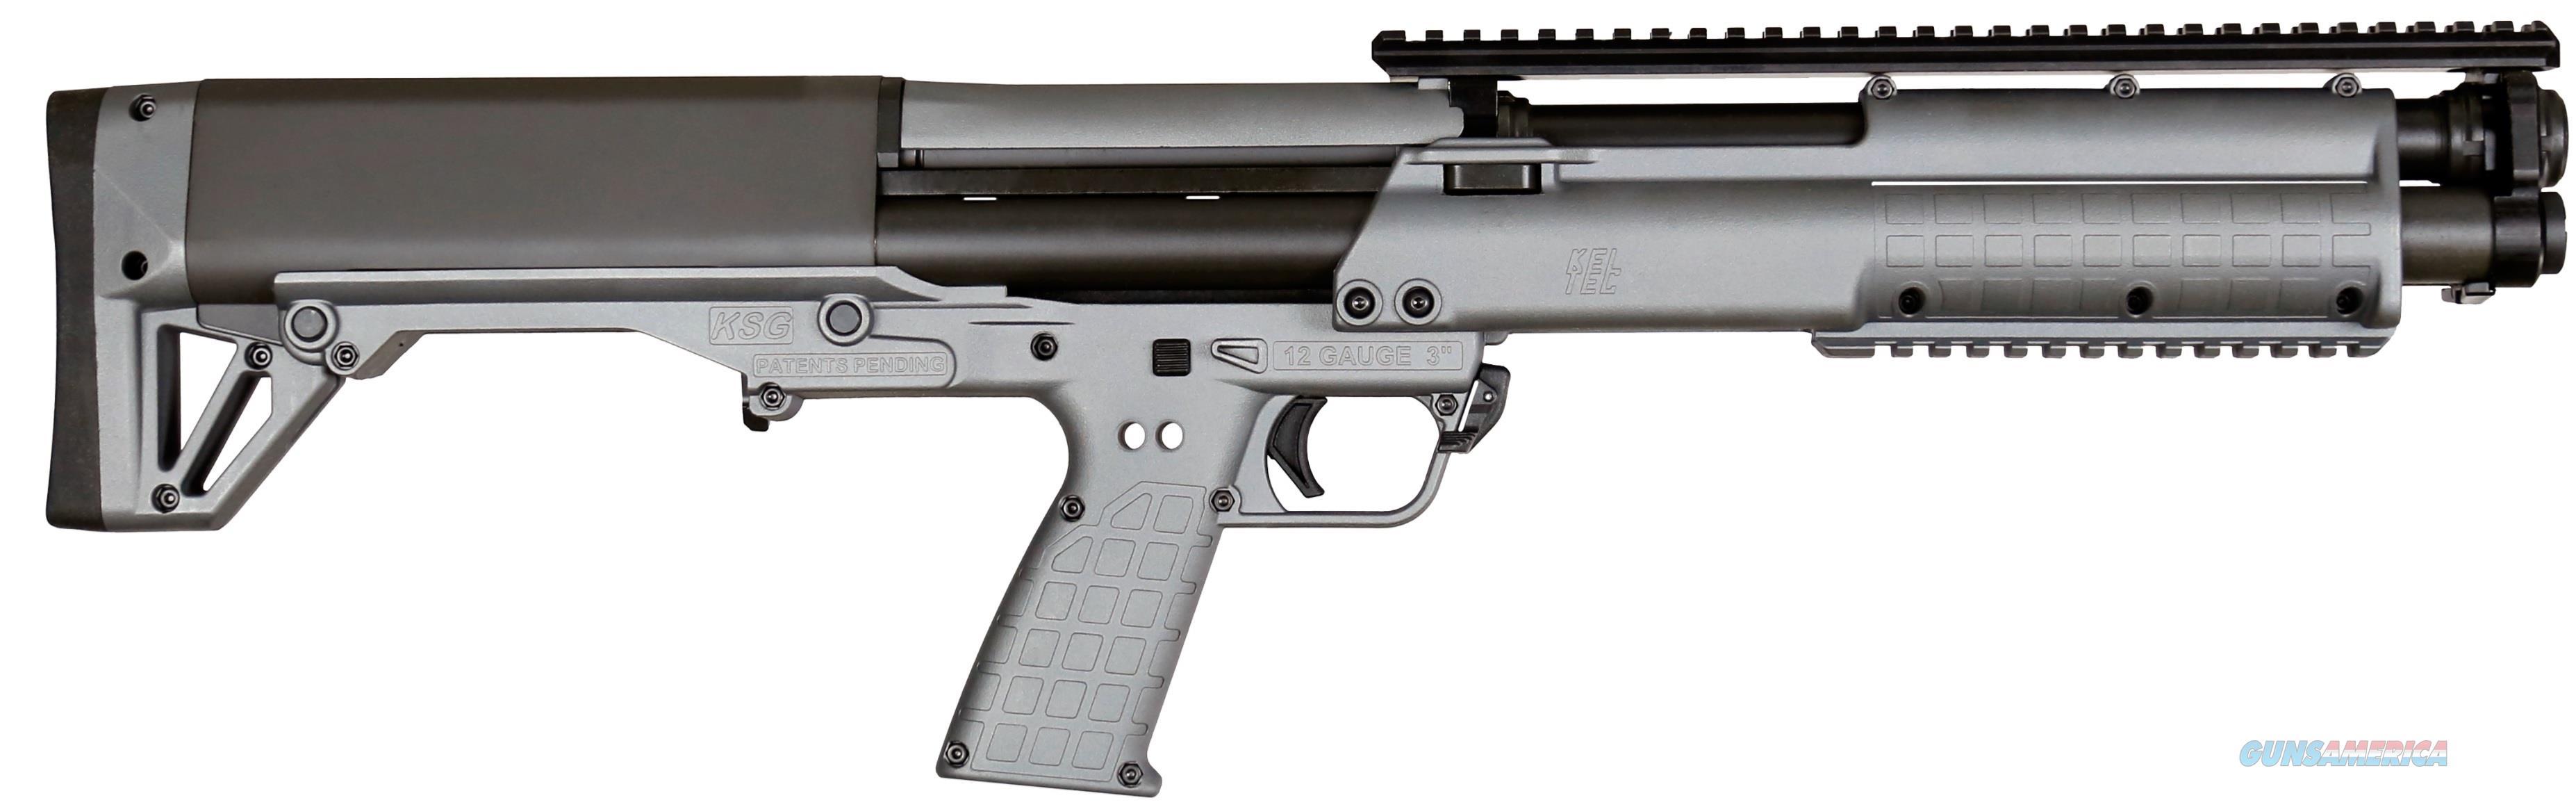 """Kel-Tec KSG Tactical Gray Shotgun 12 Gauge 18.5"""" KSGGY   Guns > Shotguns > Kel-Tec Shotguns > KSG"""